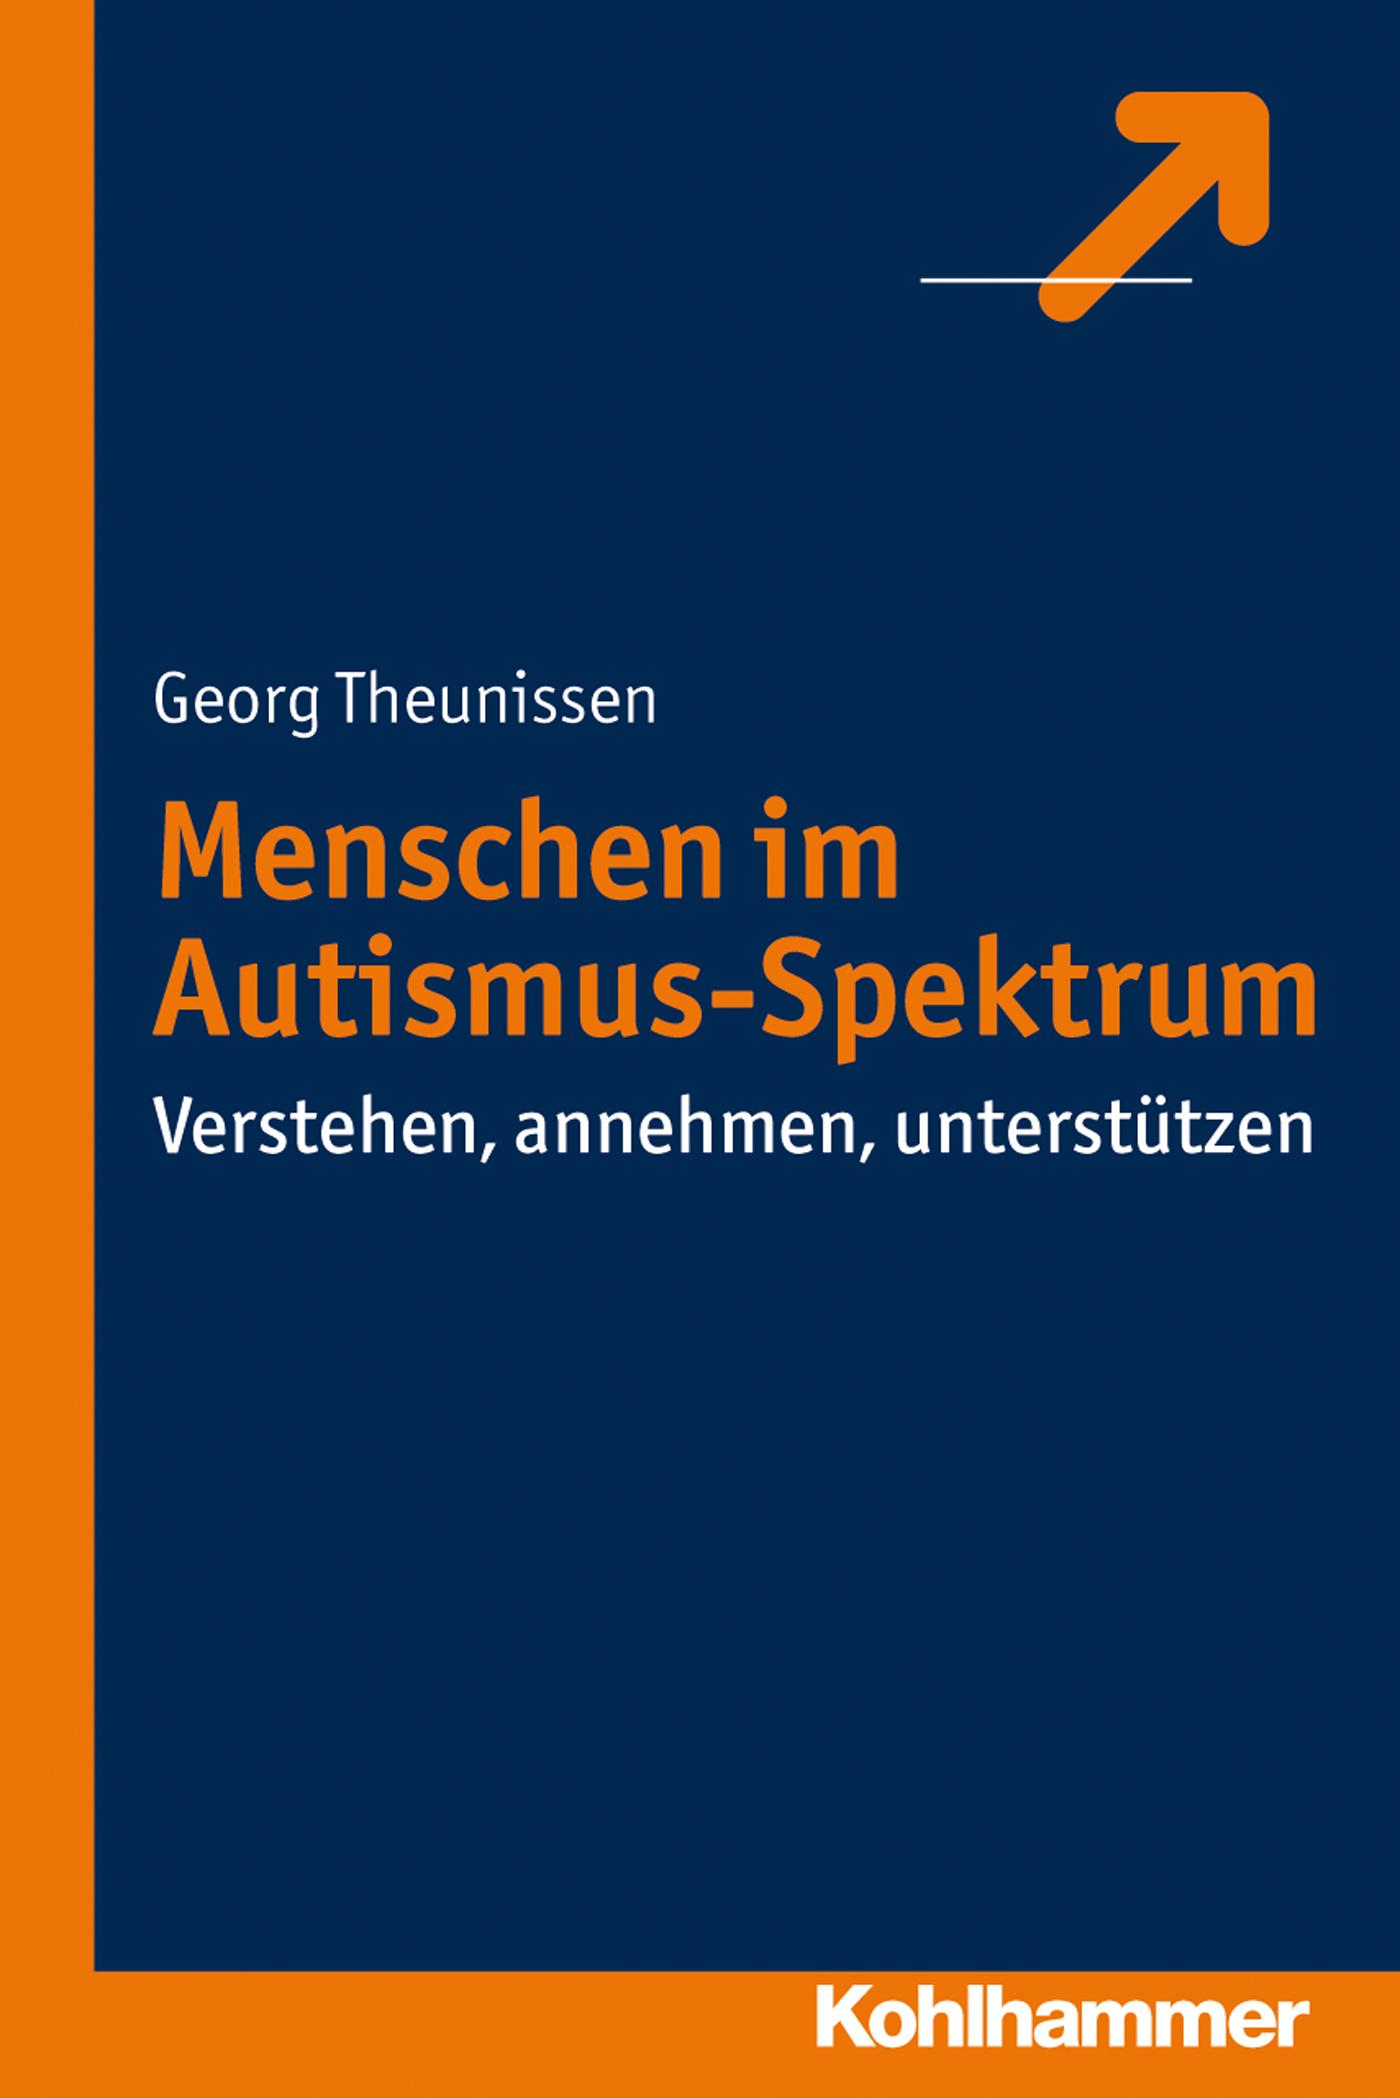 Georg Theunissen Menschen im Autismus-Spektrum william howes geheime krafte im menschen